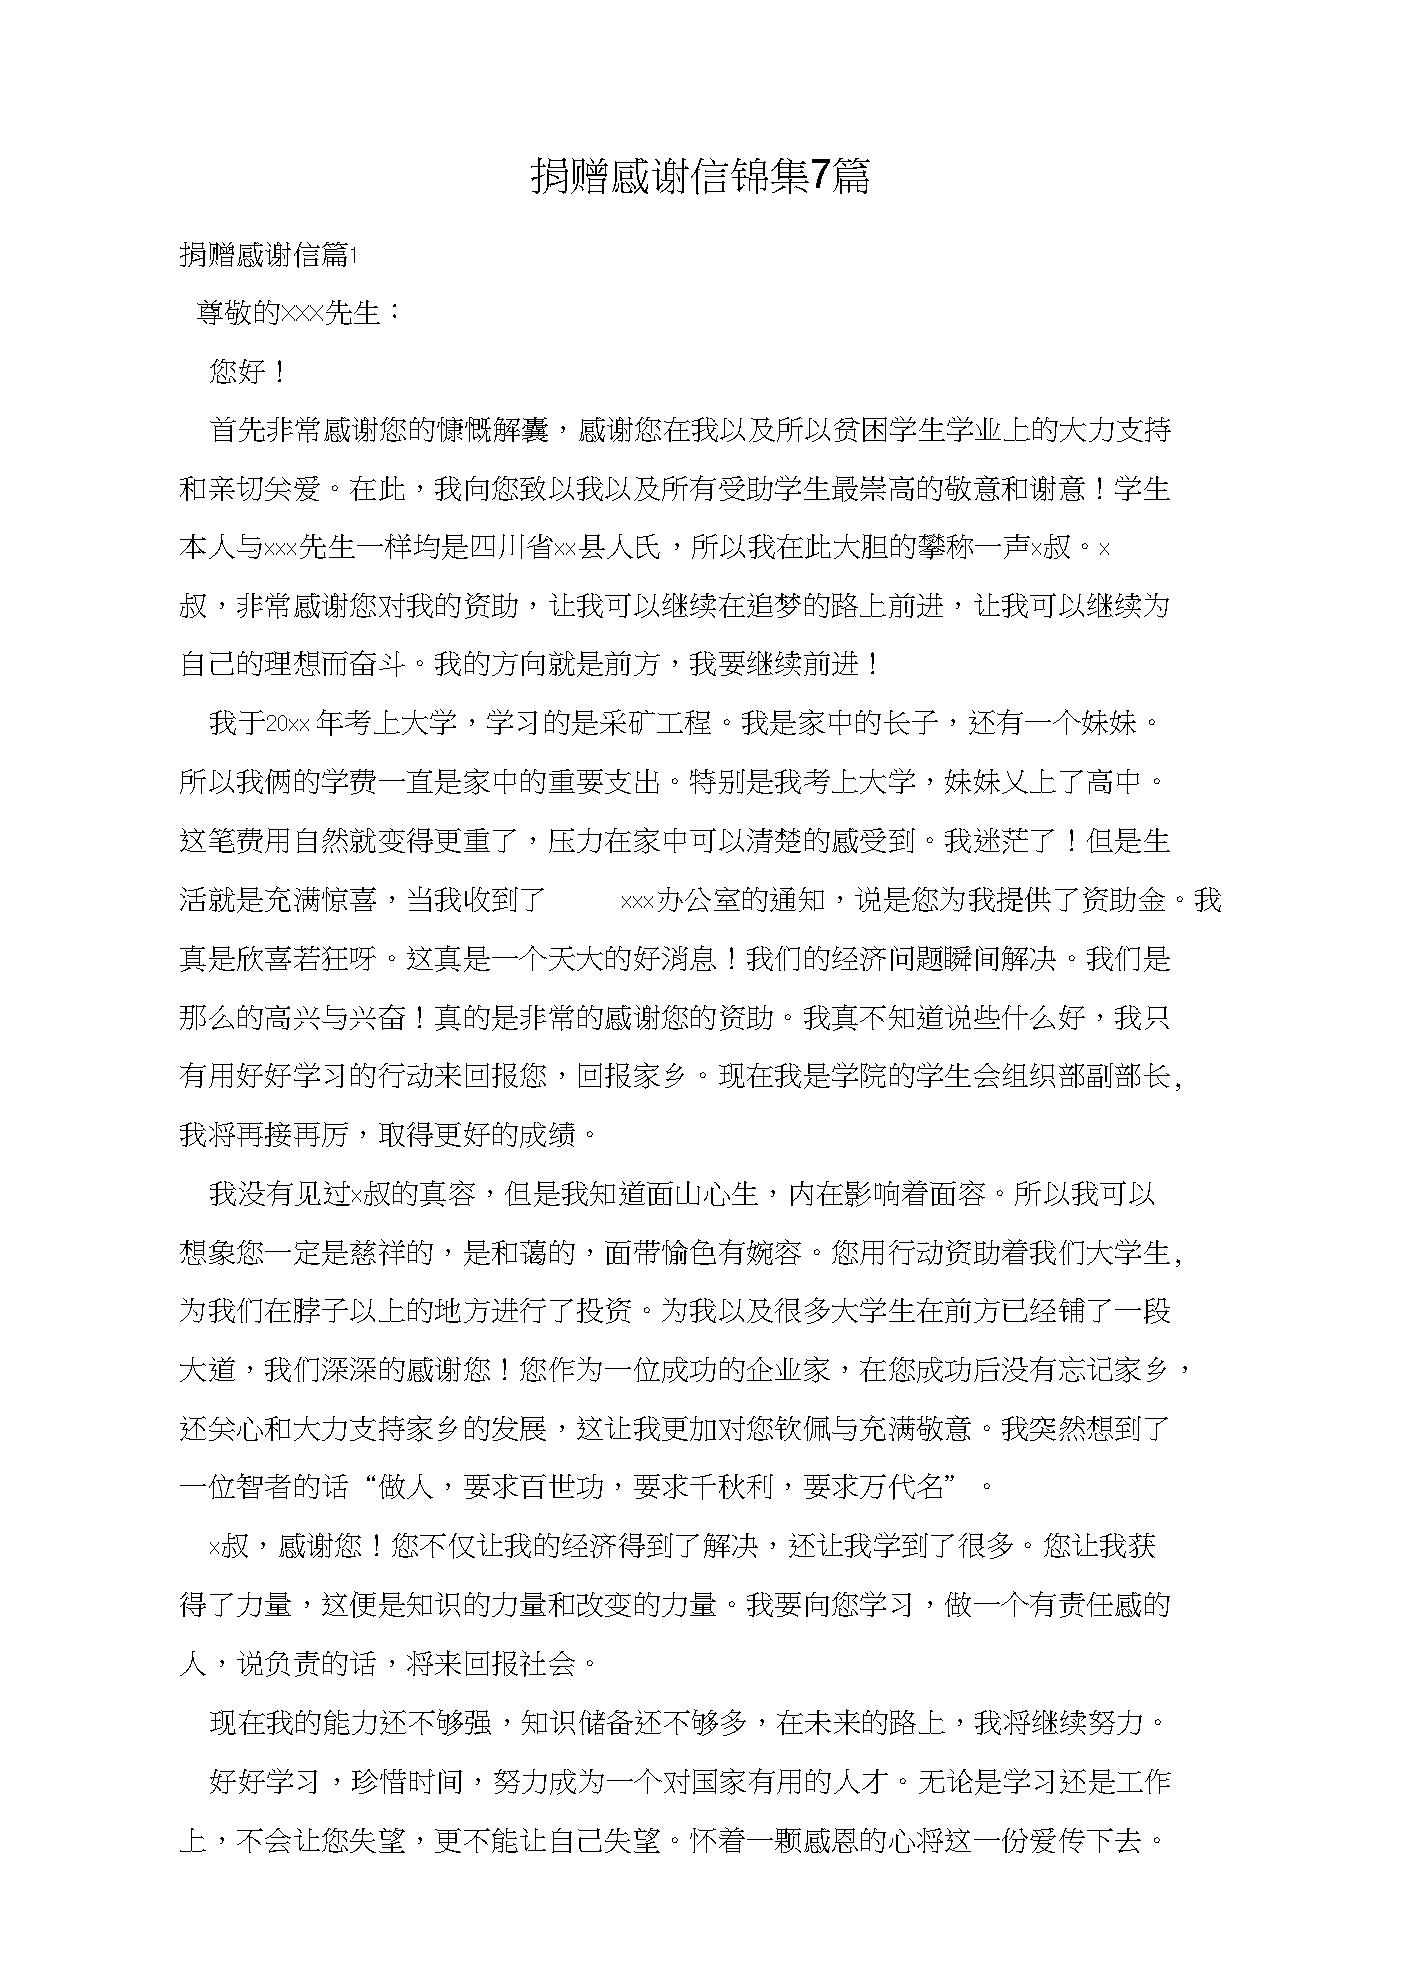 捐赠感谢信锦集7篇.docx